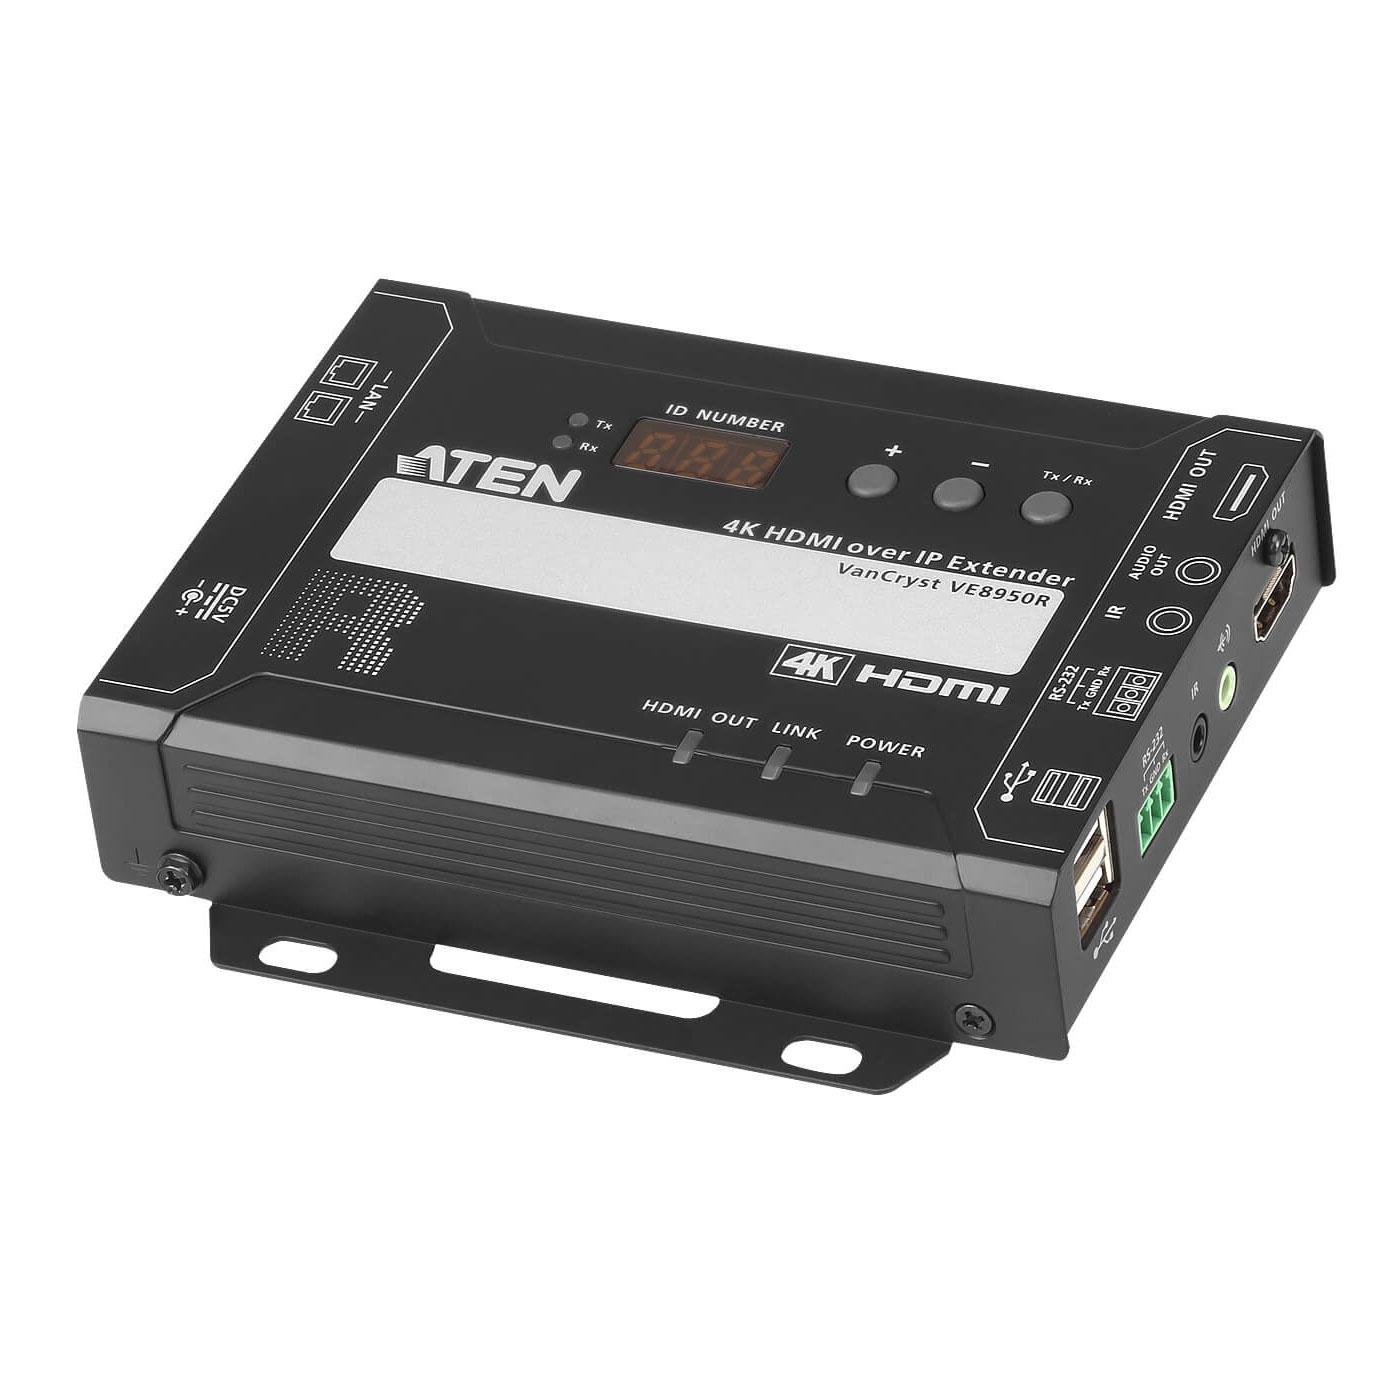 HDMI Aten VE8950R Récepteur HDMI 4K sur IP